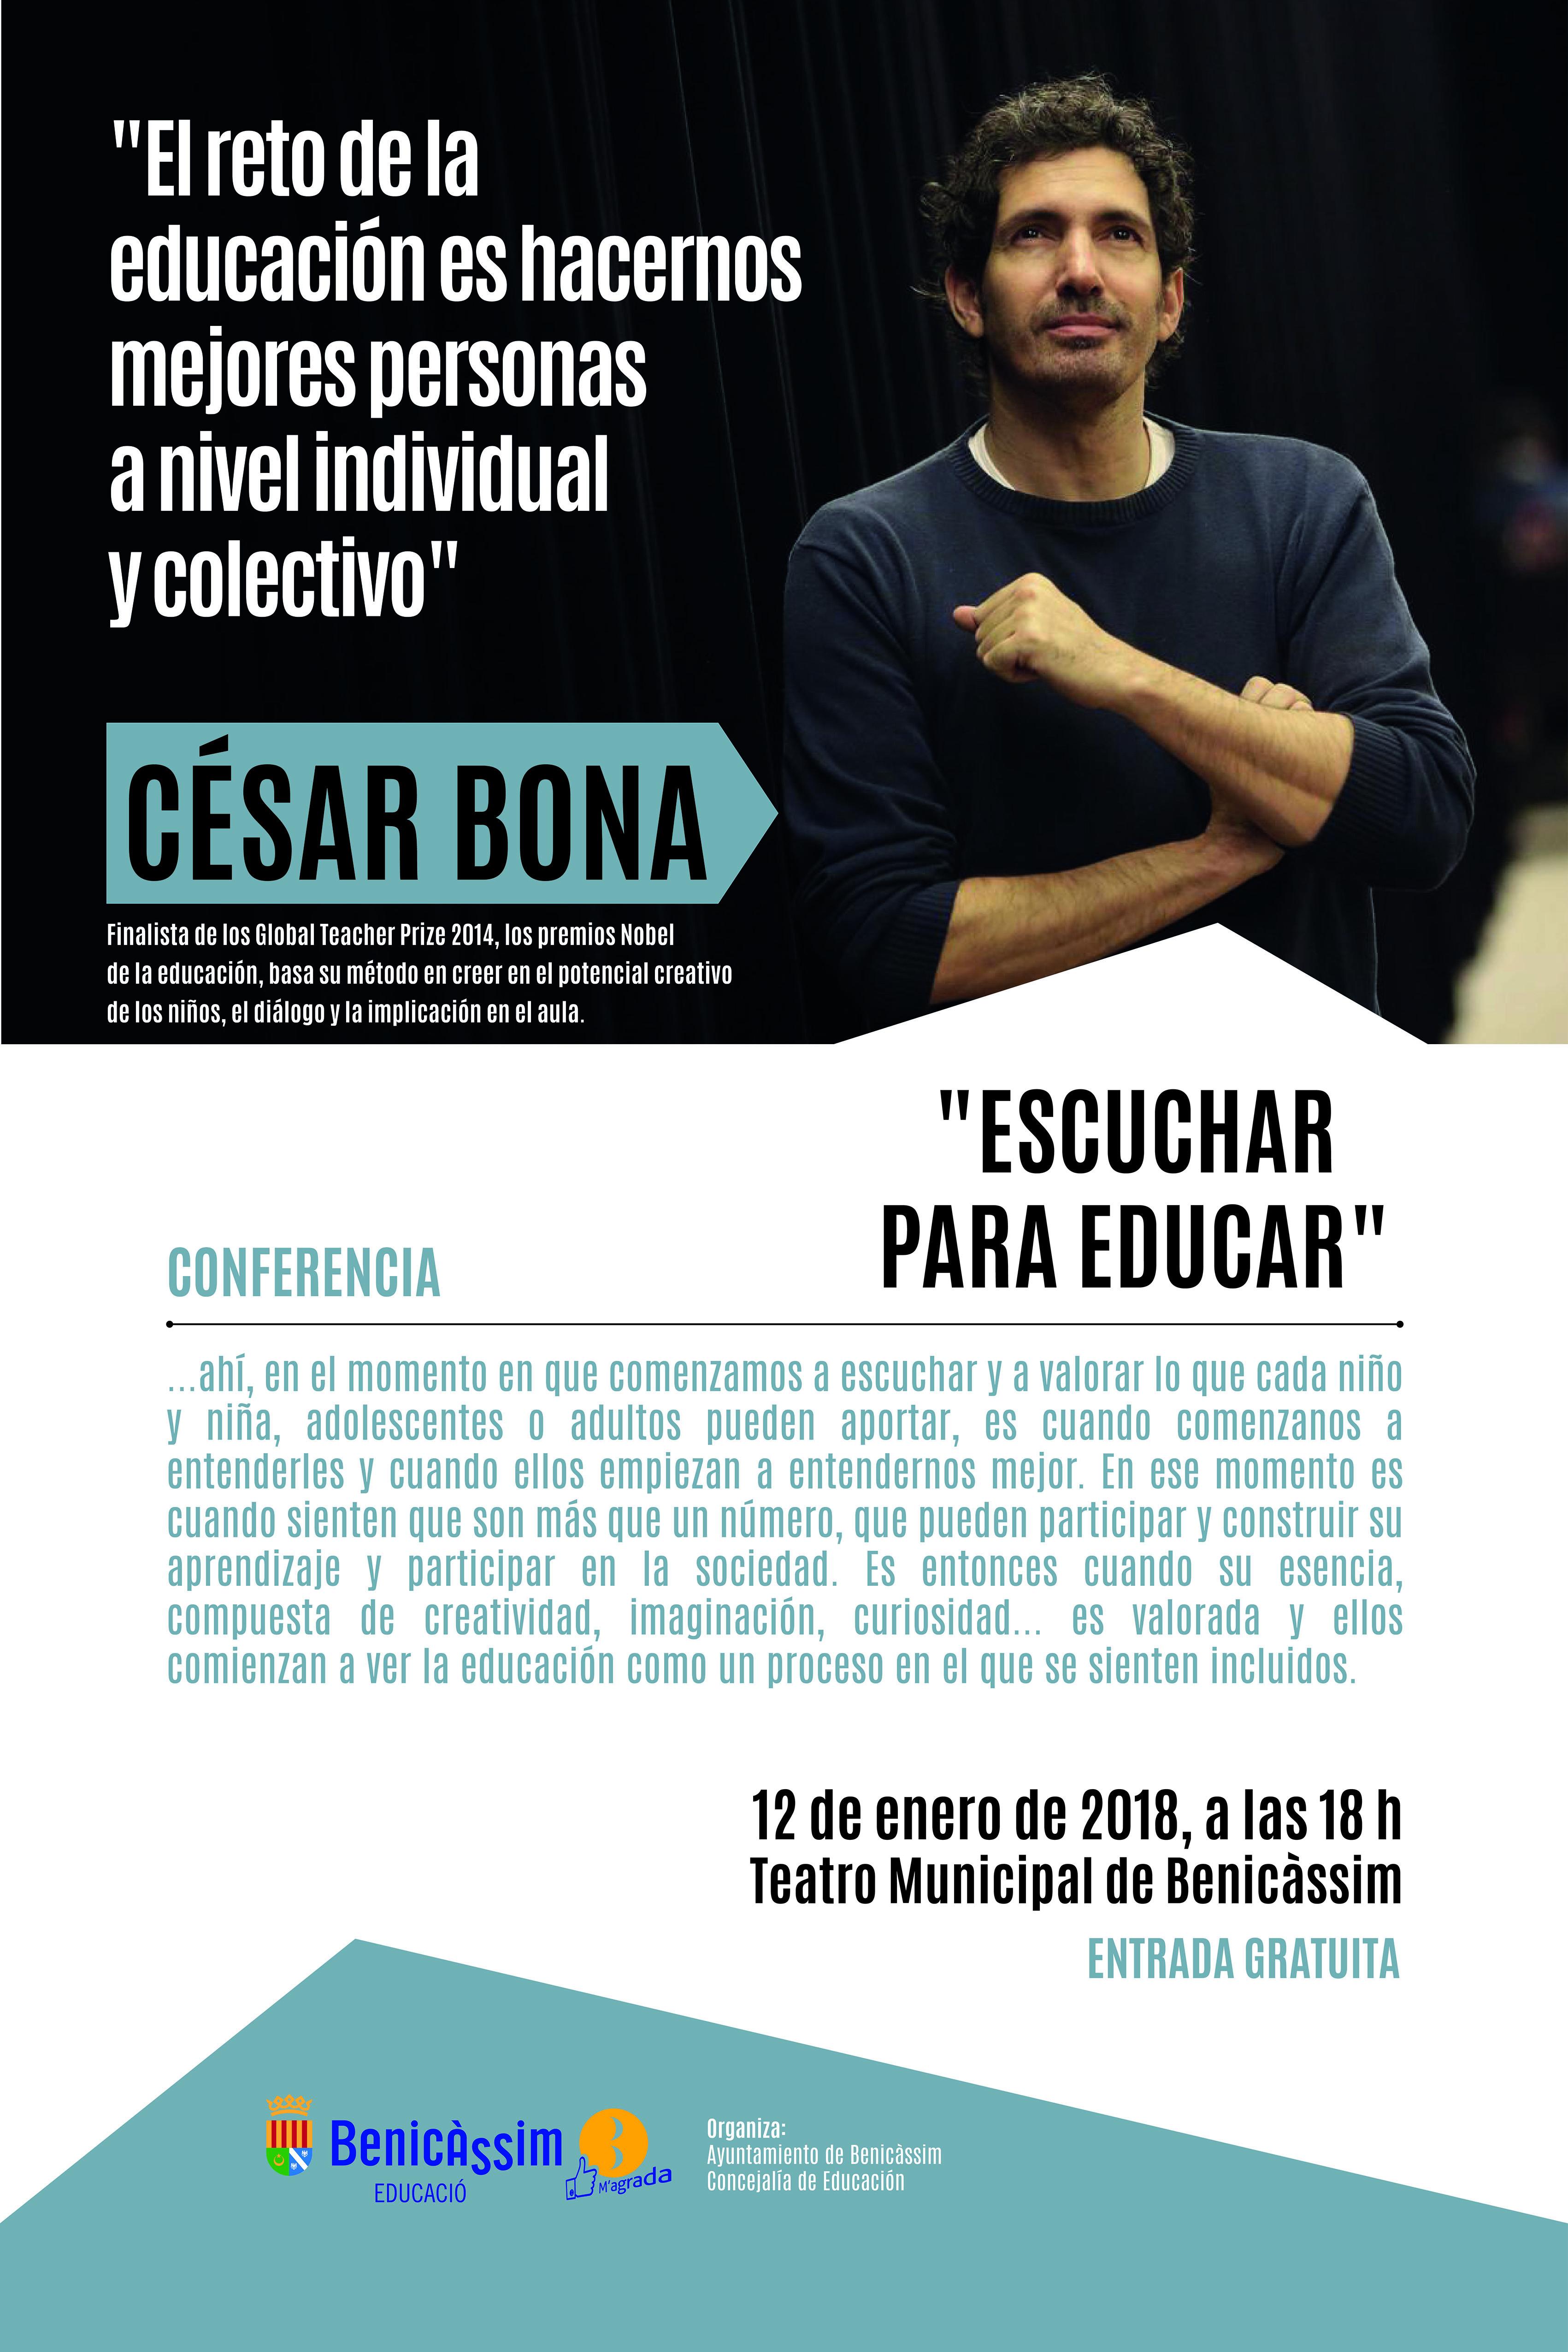 """Conferencia """"Escuchar para educar"""" con César Bona"""